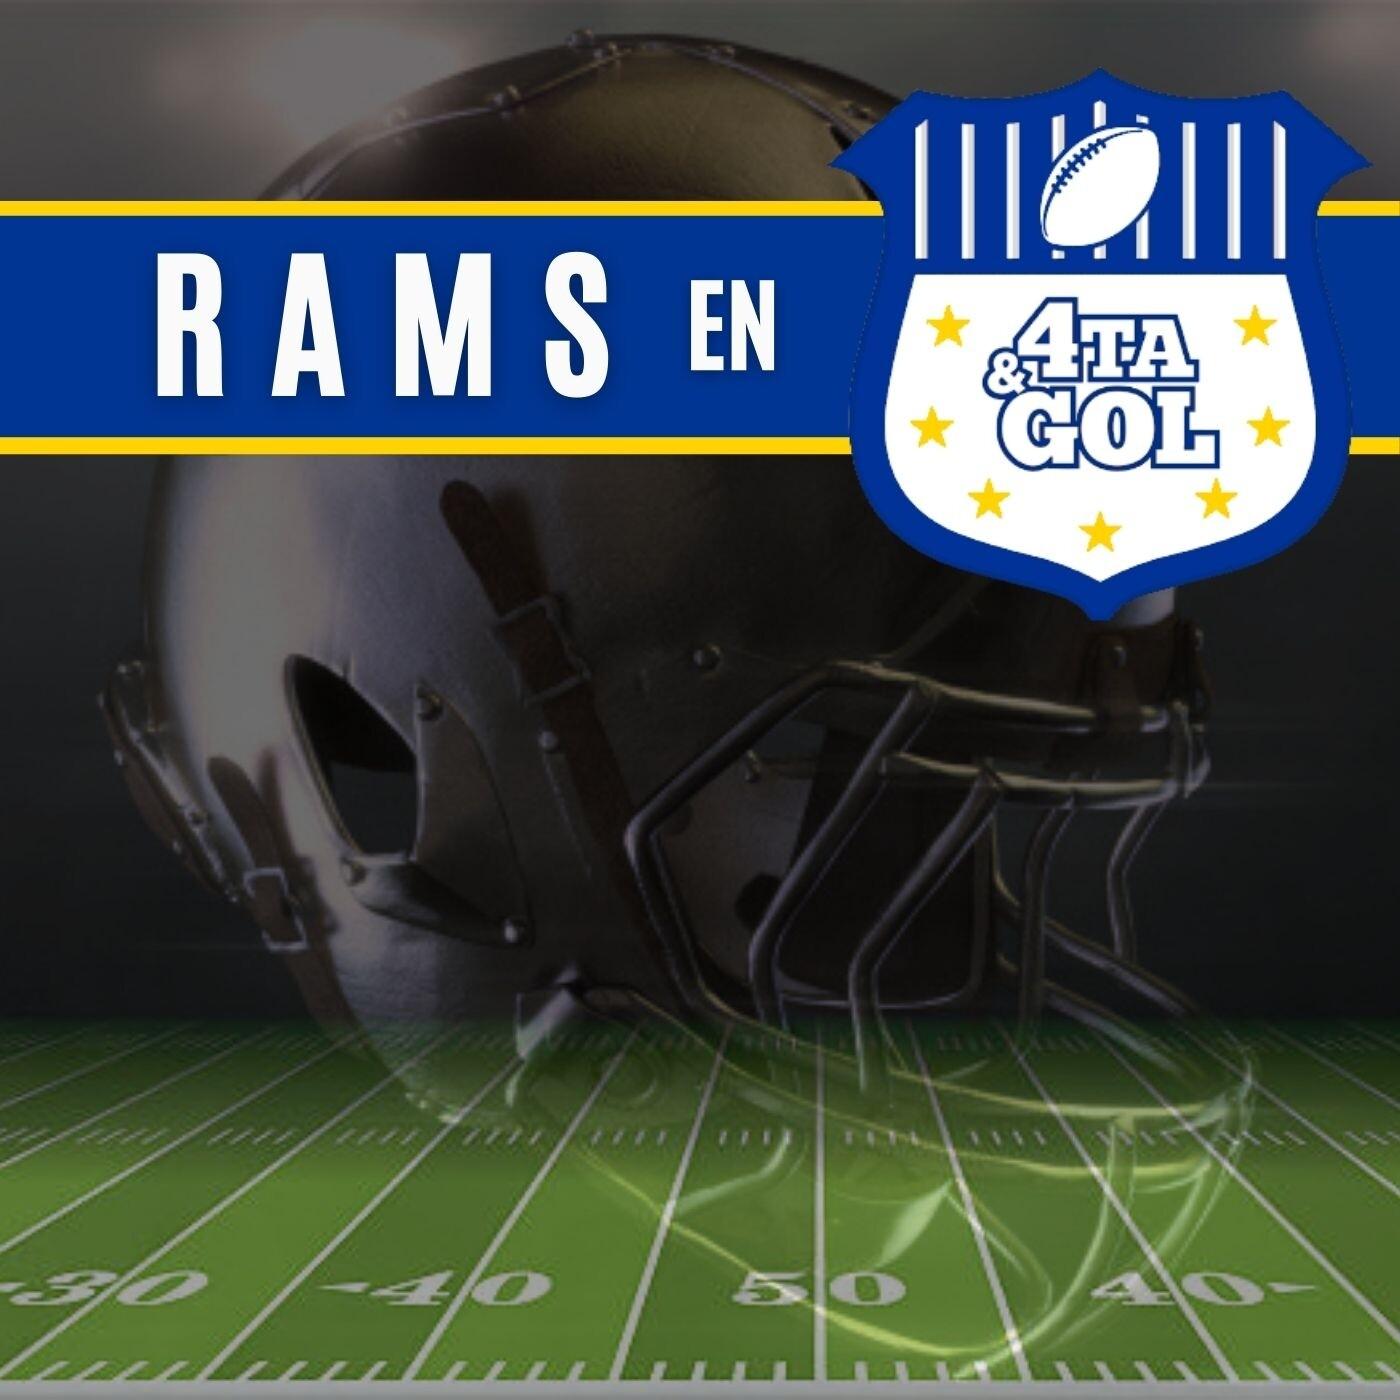 Rams fracasa ante 49ers en semana 6 | Ep. 14